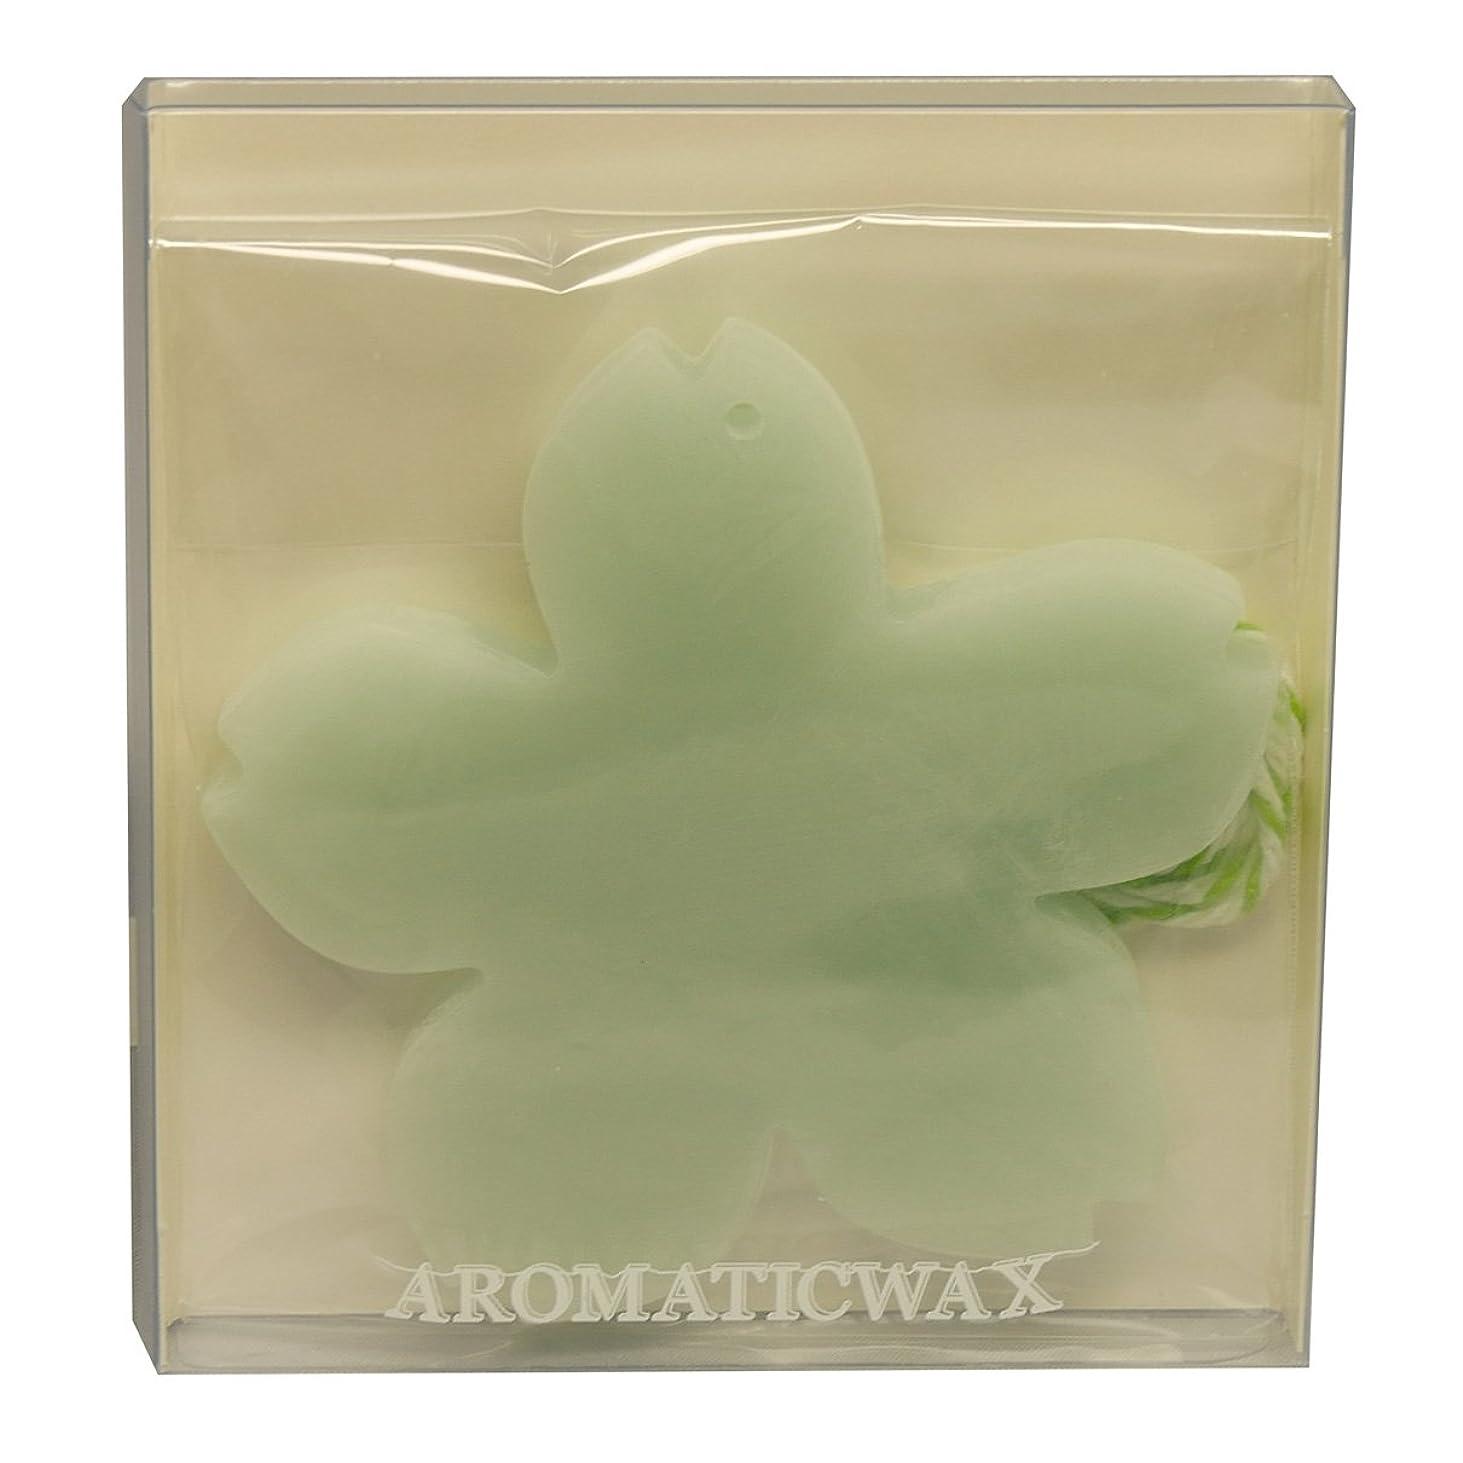 乗って仕事に行く発信GRASSE TOKYO AROMATICWAXチャーム「さくら」(GR) レモングラス アロマティックワックス グラーストウキョウ